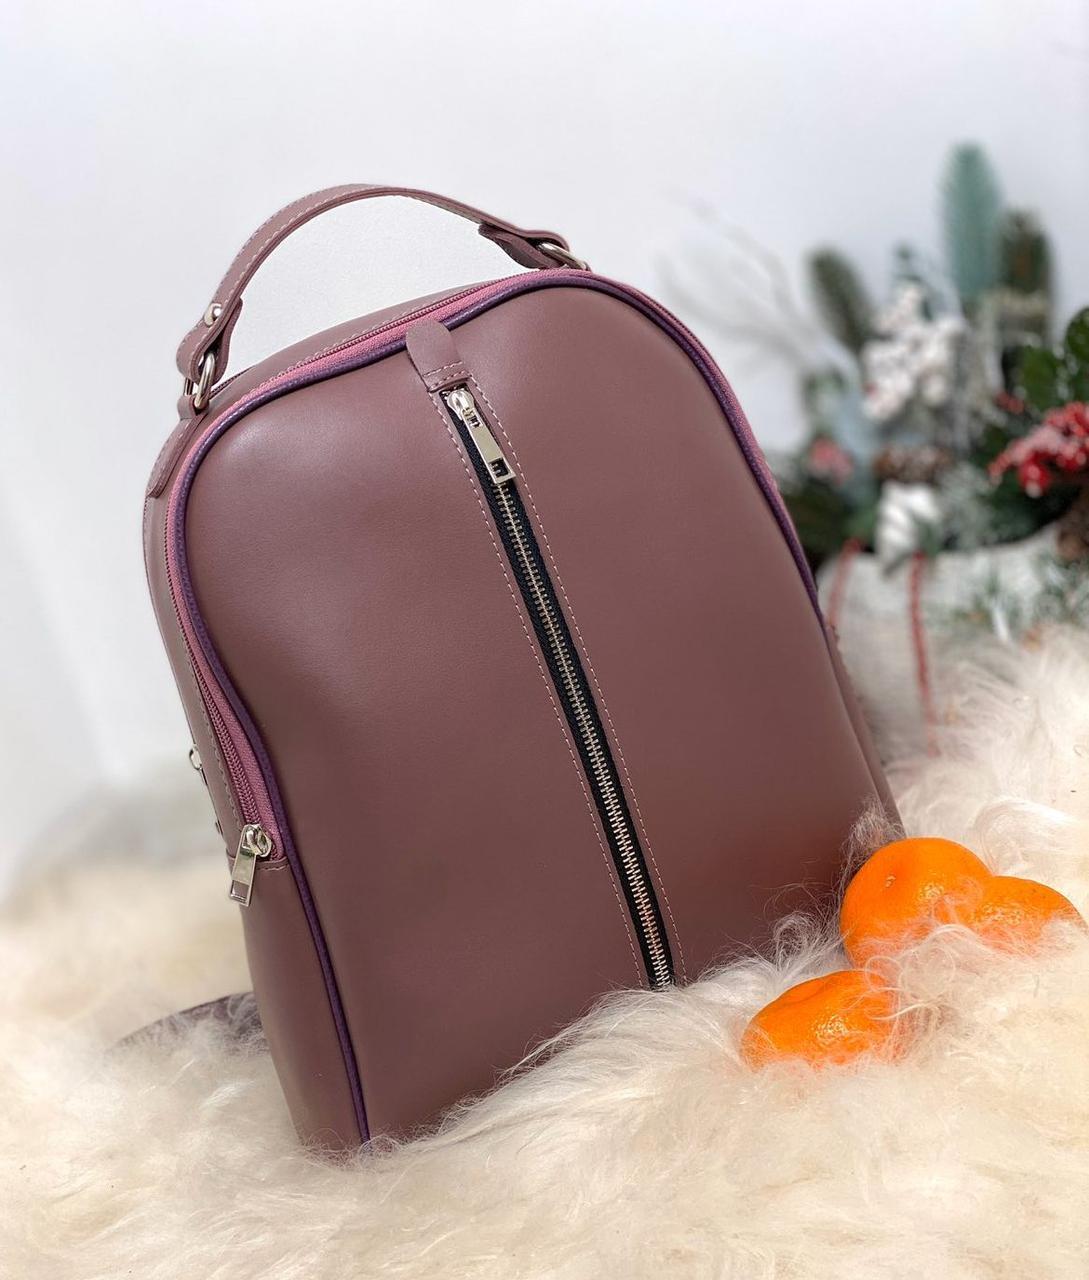 Сумка рюкзак женский молодежный городской брендовый темная пудра экокожа